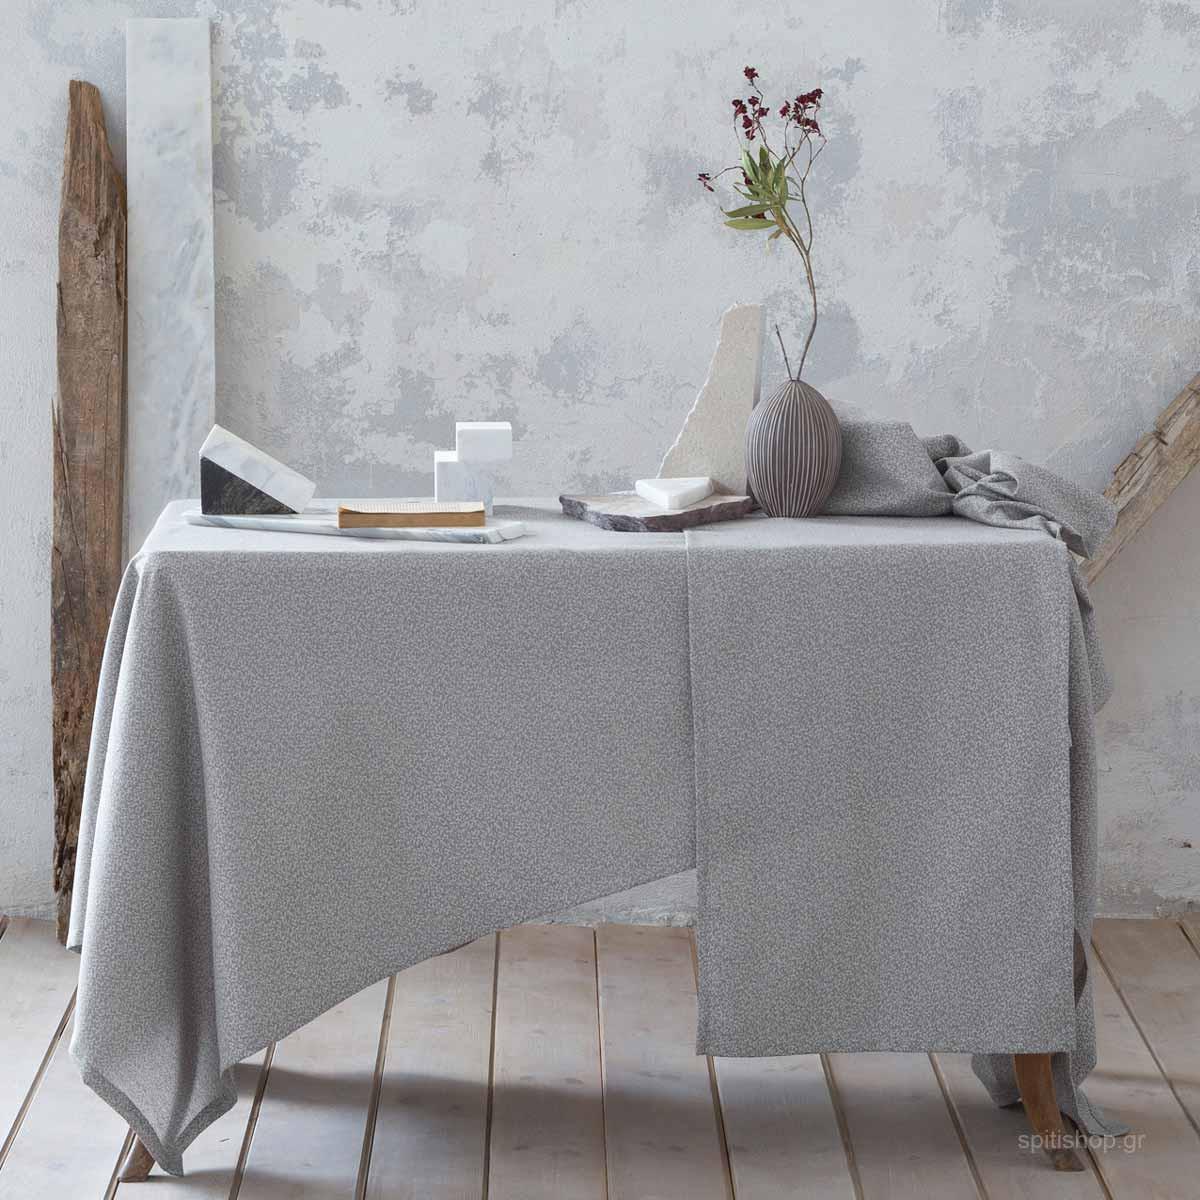 Τραπεζομάντηλο (165×220) Nima Dining Lobelia Grey